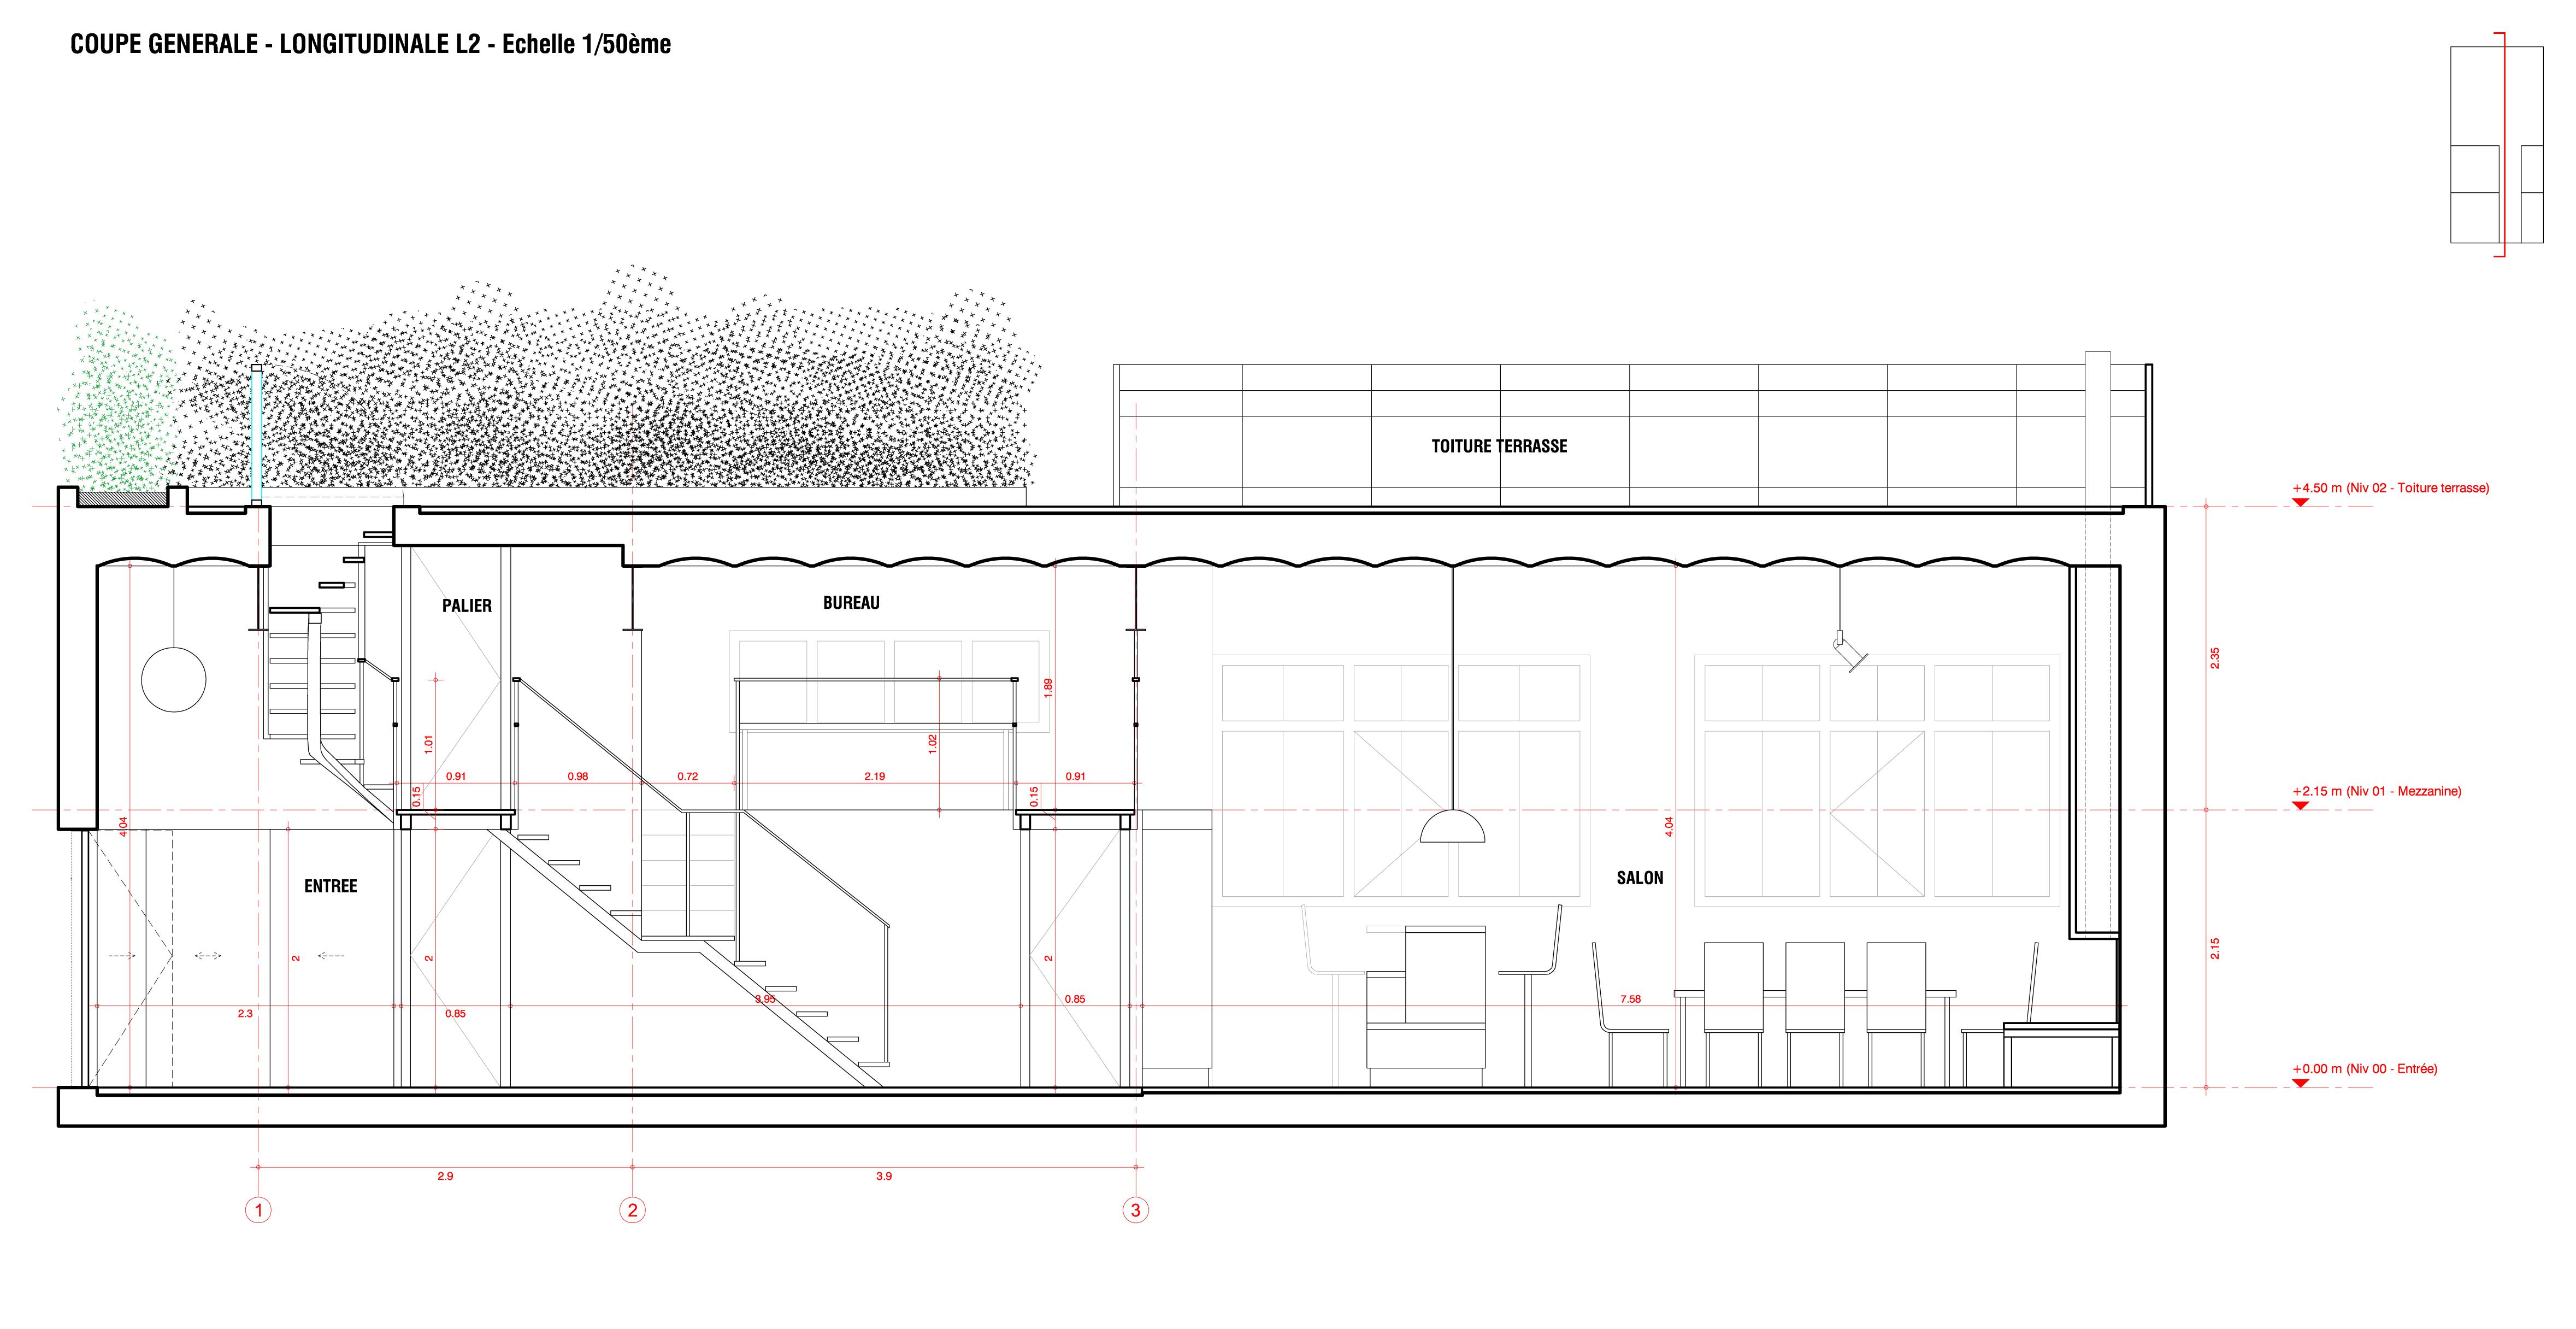 Coupe longitudinale escalier - Plan des facades et des toitures ...